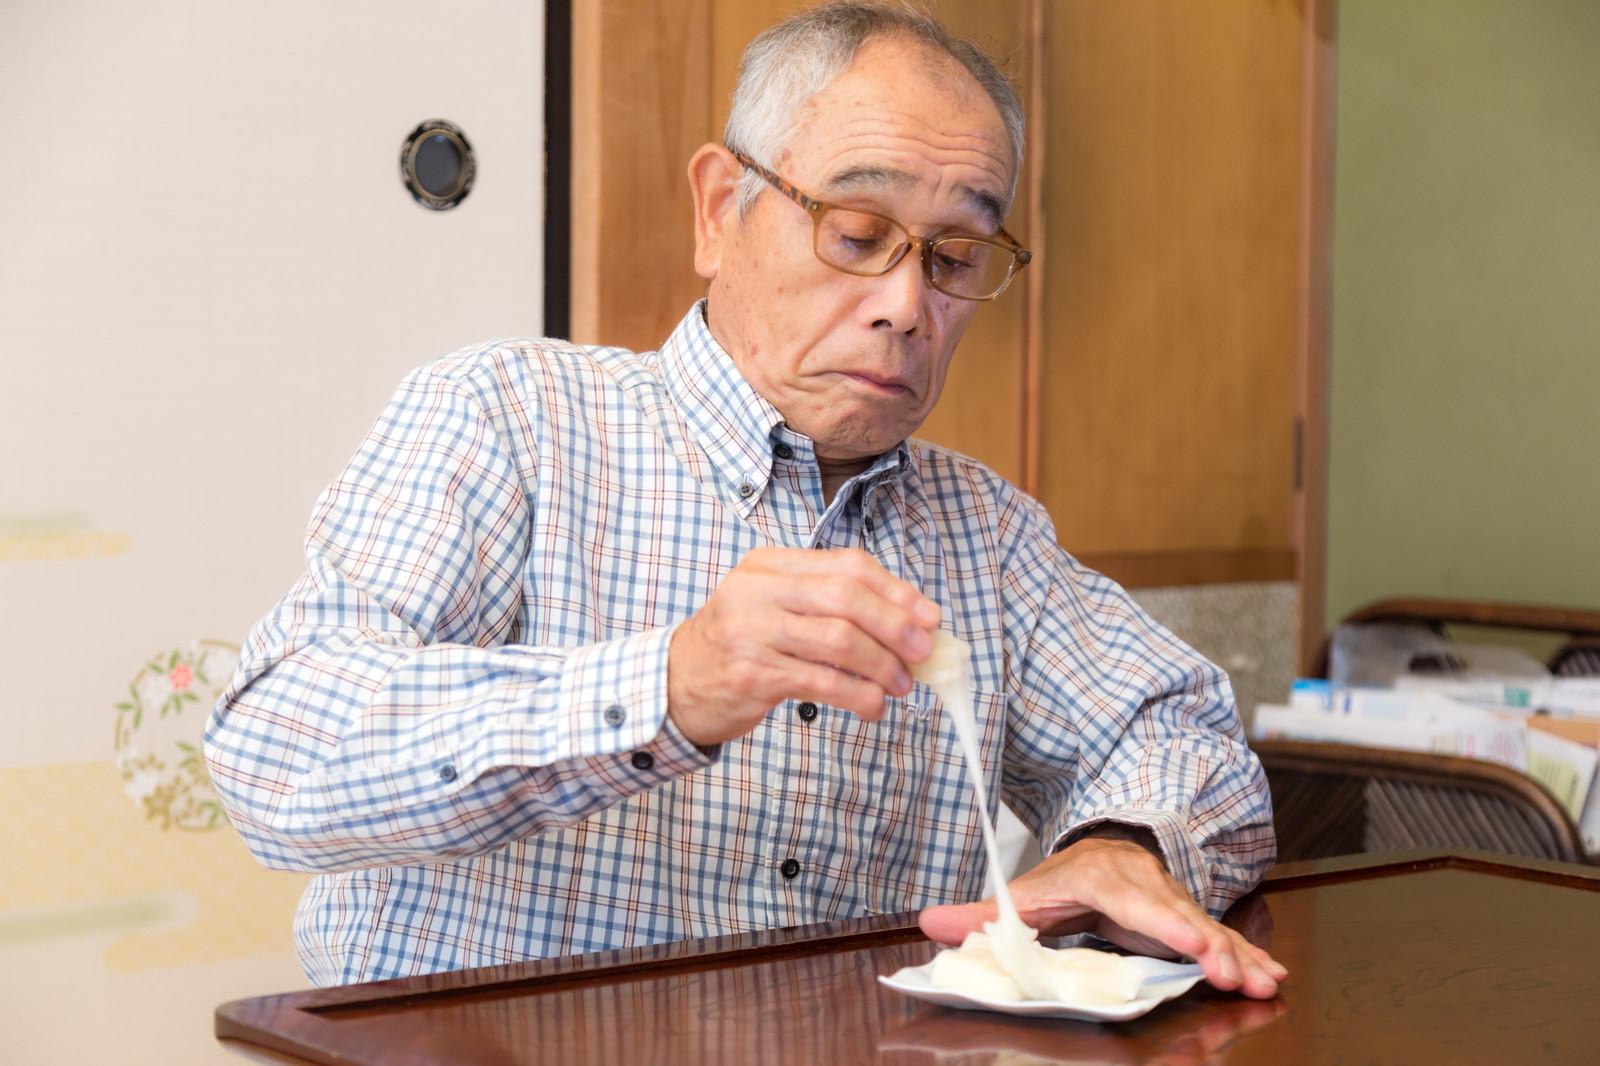 「手づかみで伸びるお餅を食べようとする爺さん | 写真の無料素材・フリー素材 - ぱくたそ」の写真[モデル:まーちゃん]